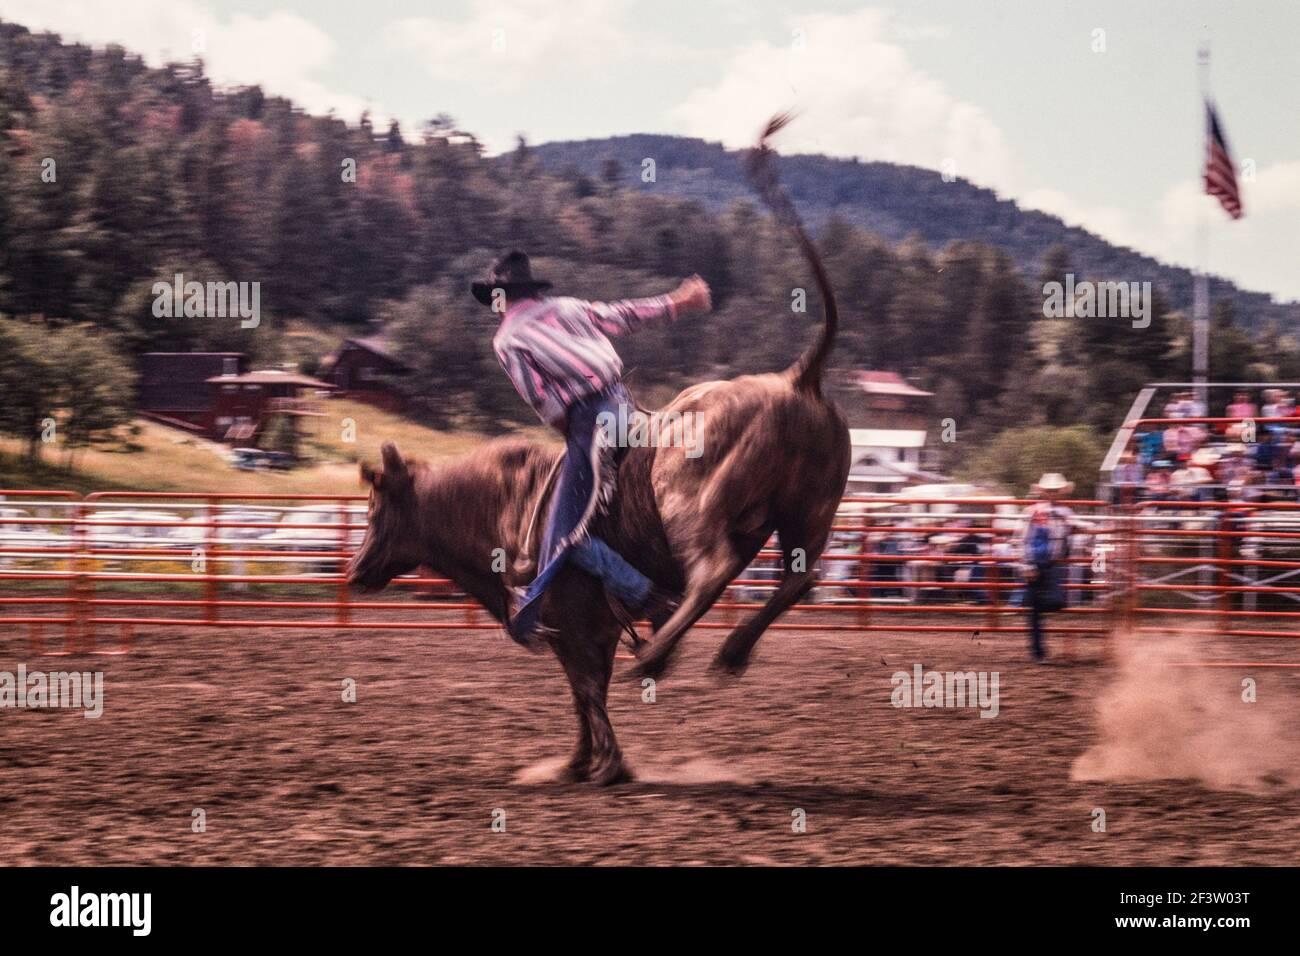 L'image d'un cow-boy de taureau donne un sentiment de monction et de chaos. Banque D'Images